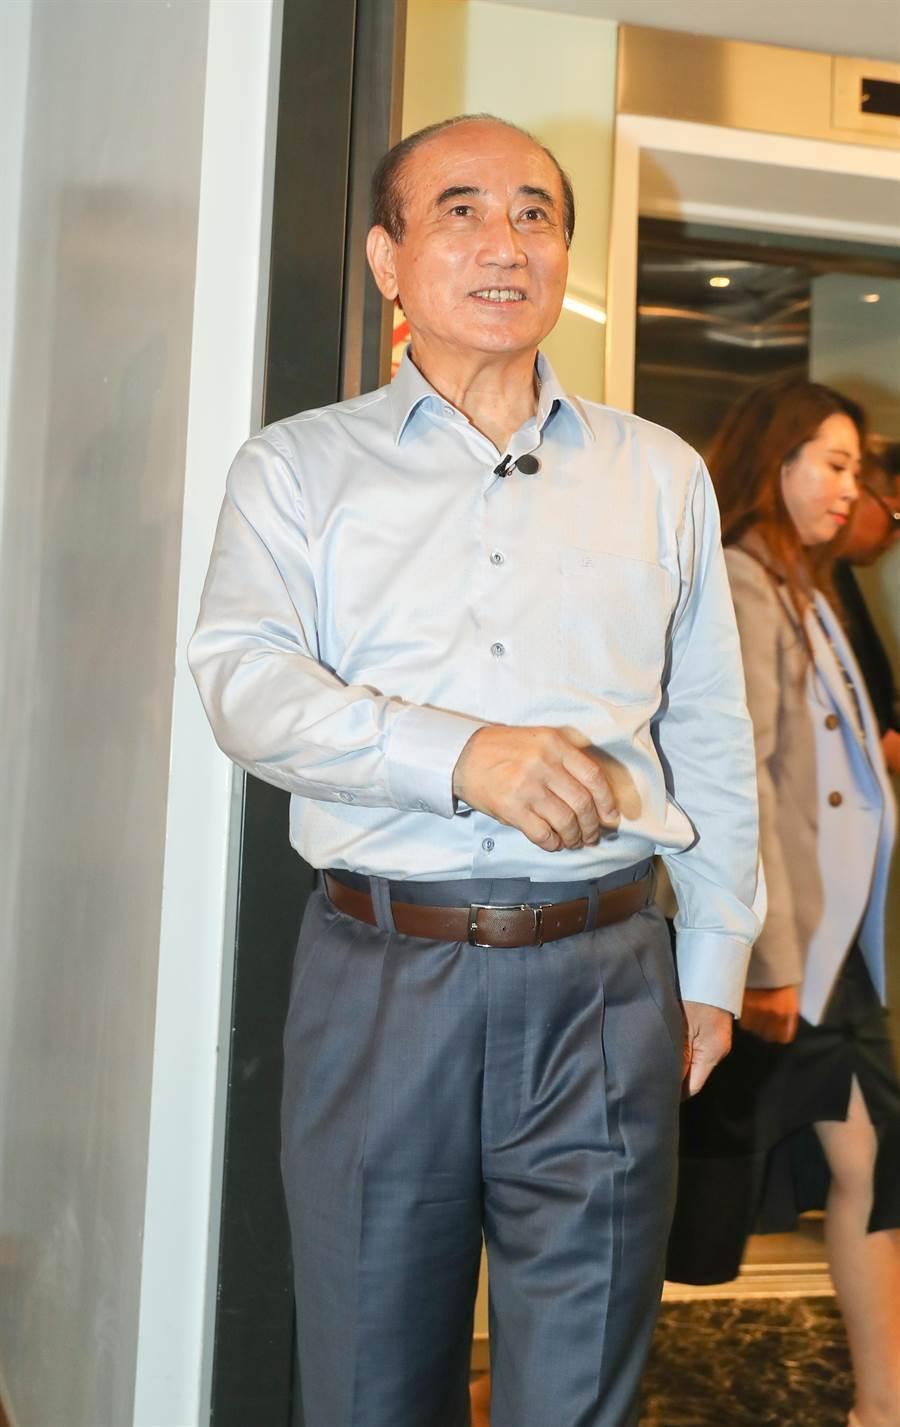 立法院長王金平(見圖)表示,我只是接受市長的邀請,來參加823的音樂會,我沒有其它的目的。(劉宗龍攝)